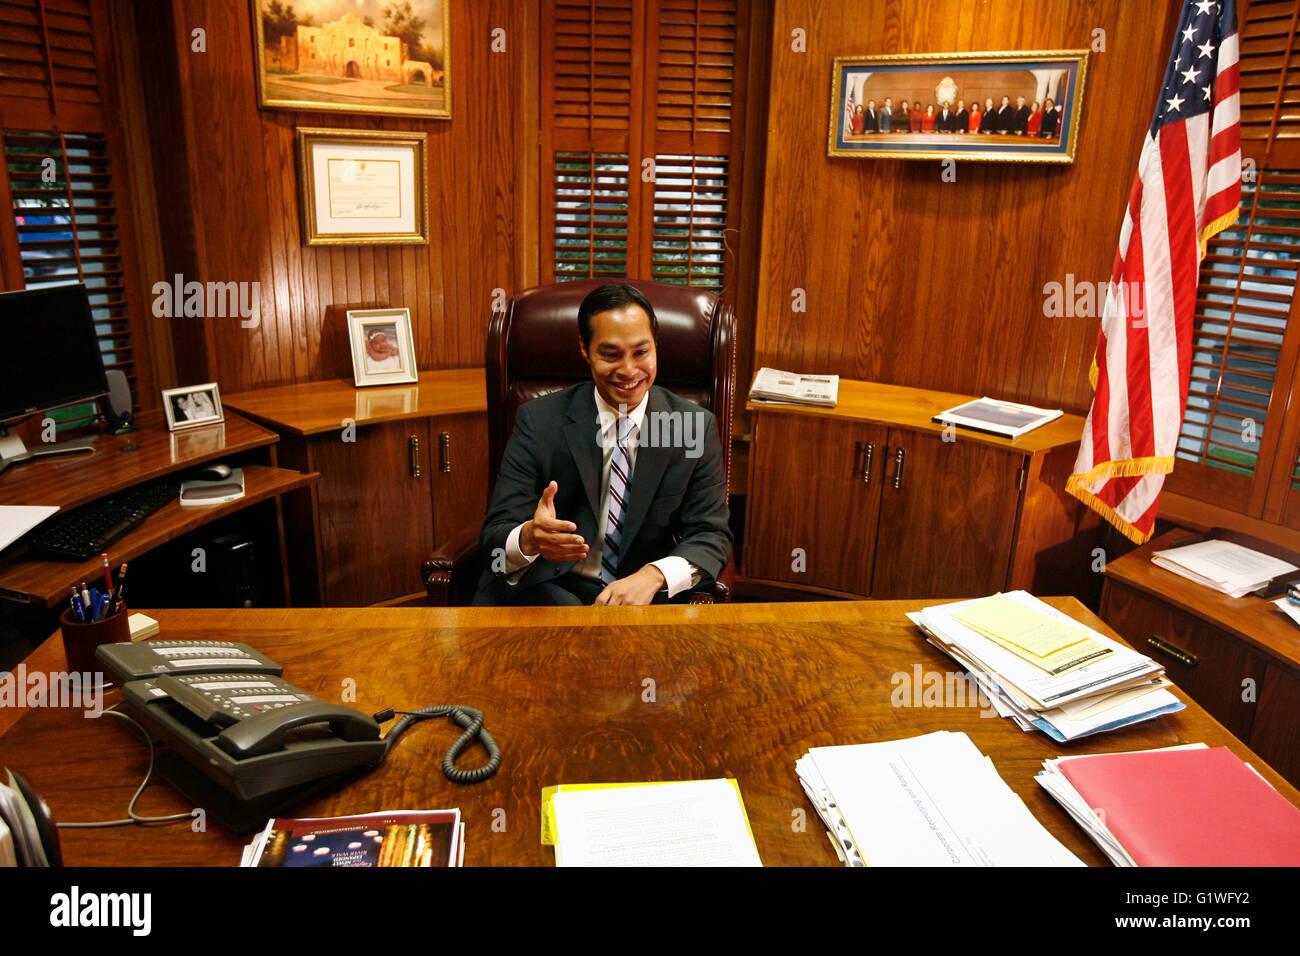 San Antonio Mayor Julian Castro In His Office In San